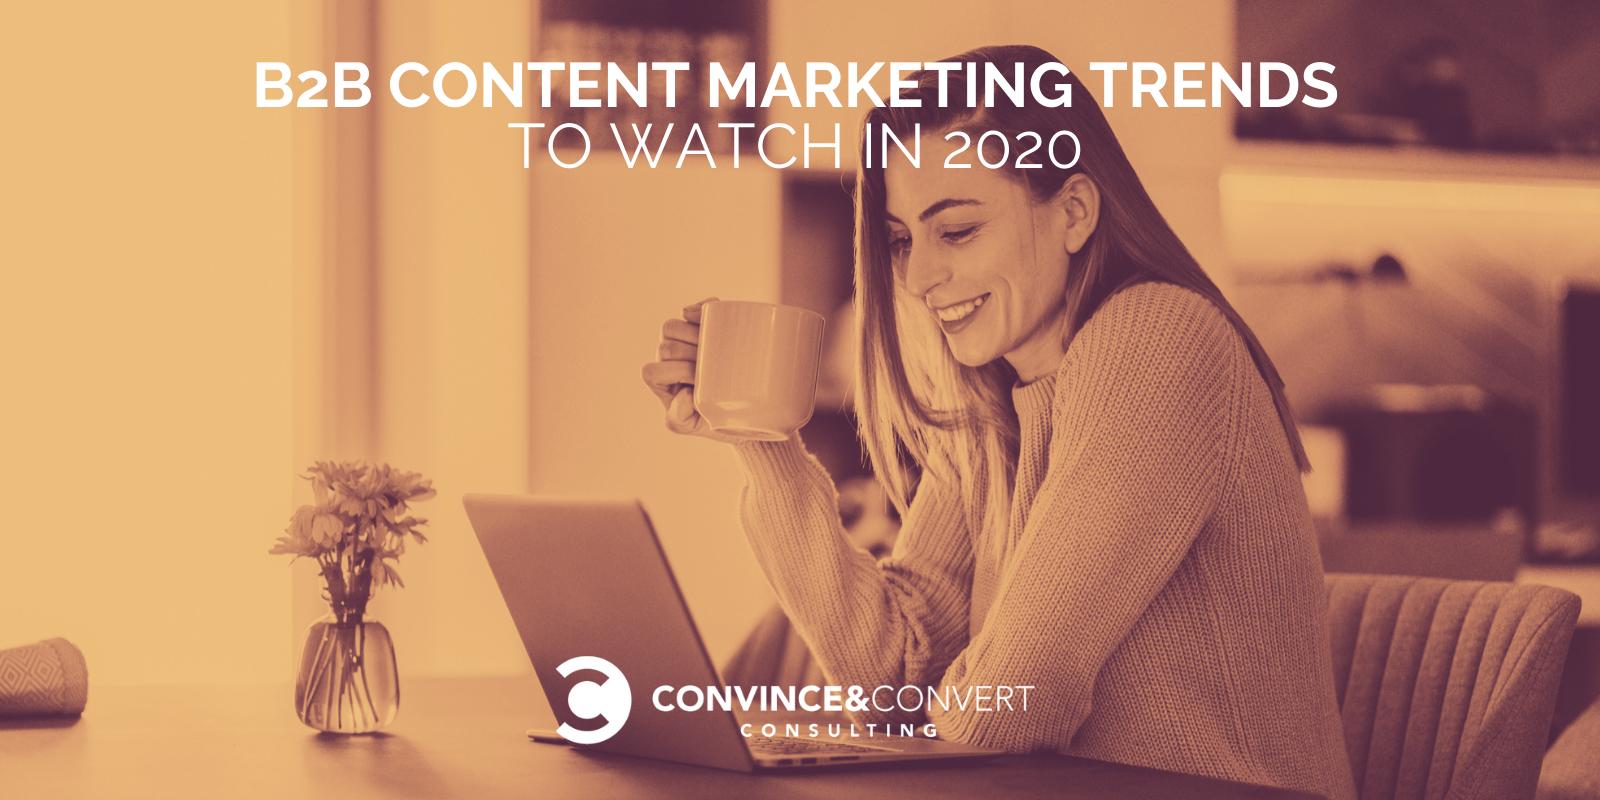 Tendenze del marketing dei contenuti B2B da tenere d'occhio nel 2020